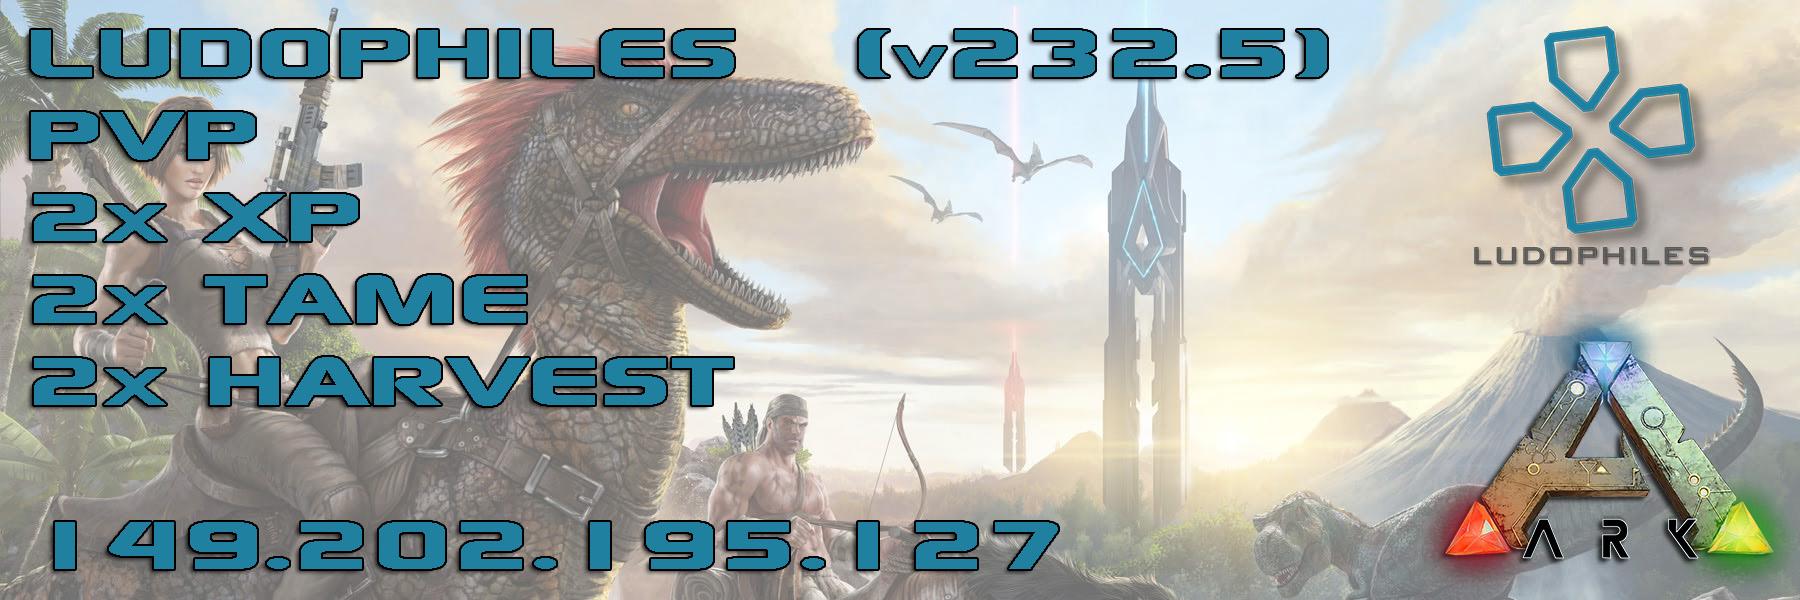 Ark banner v232.5.jpg